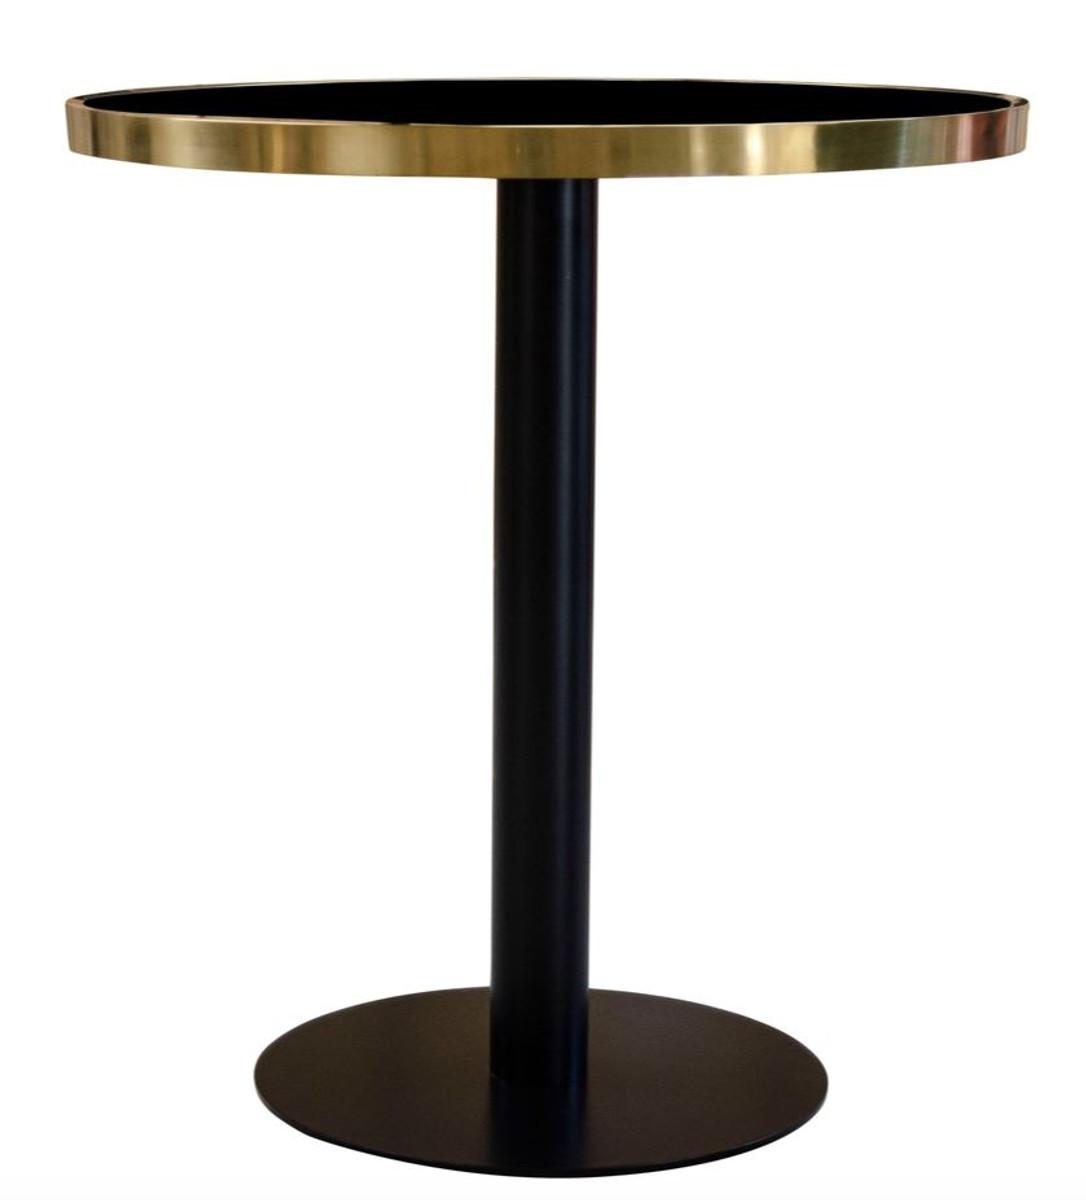 casa padrino luxus esstisch schwarz gold 70 x h 76 cm. Black Bedroom Furniture Sets. Home Design Ideas